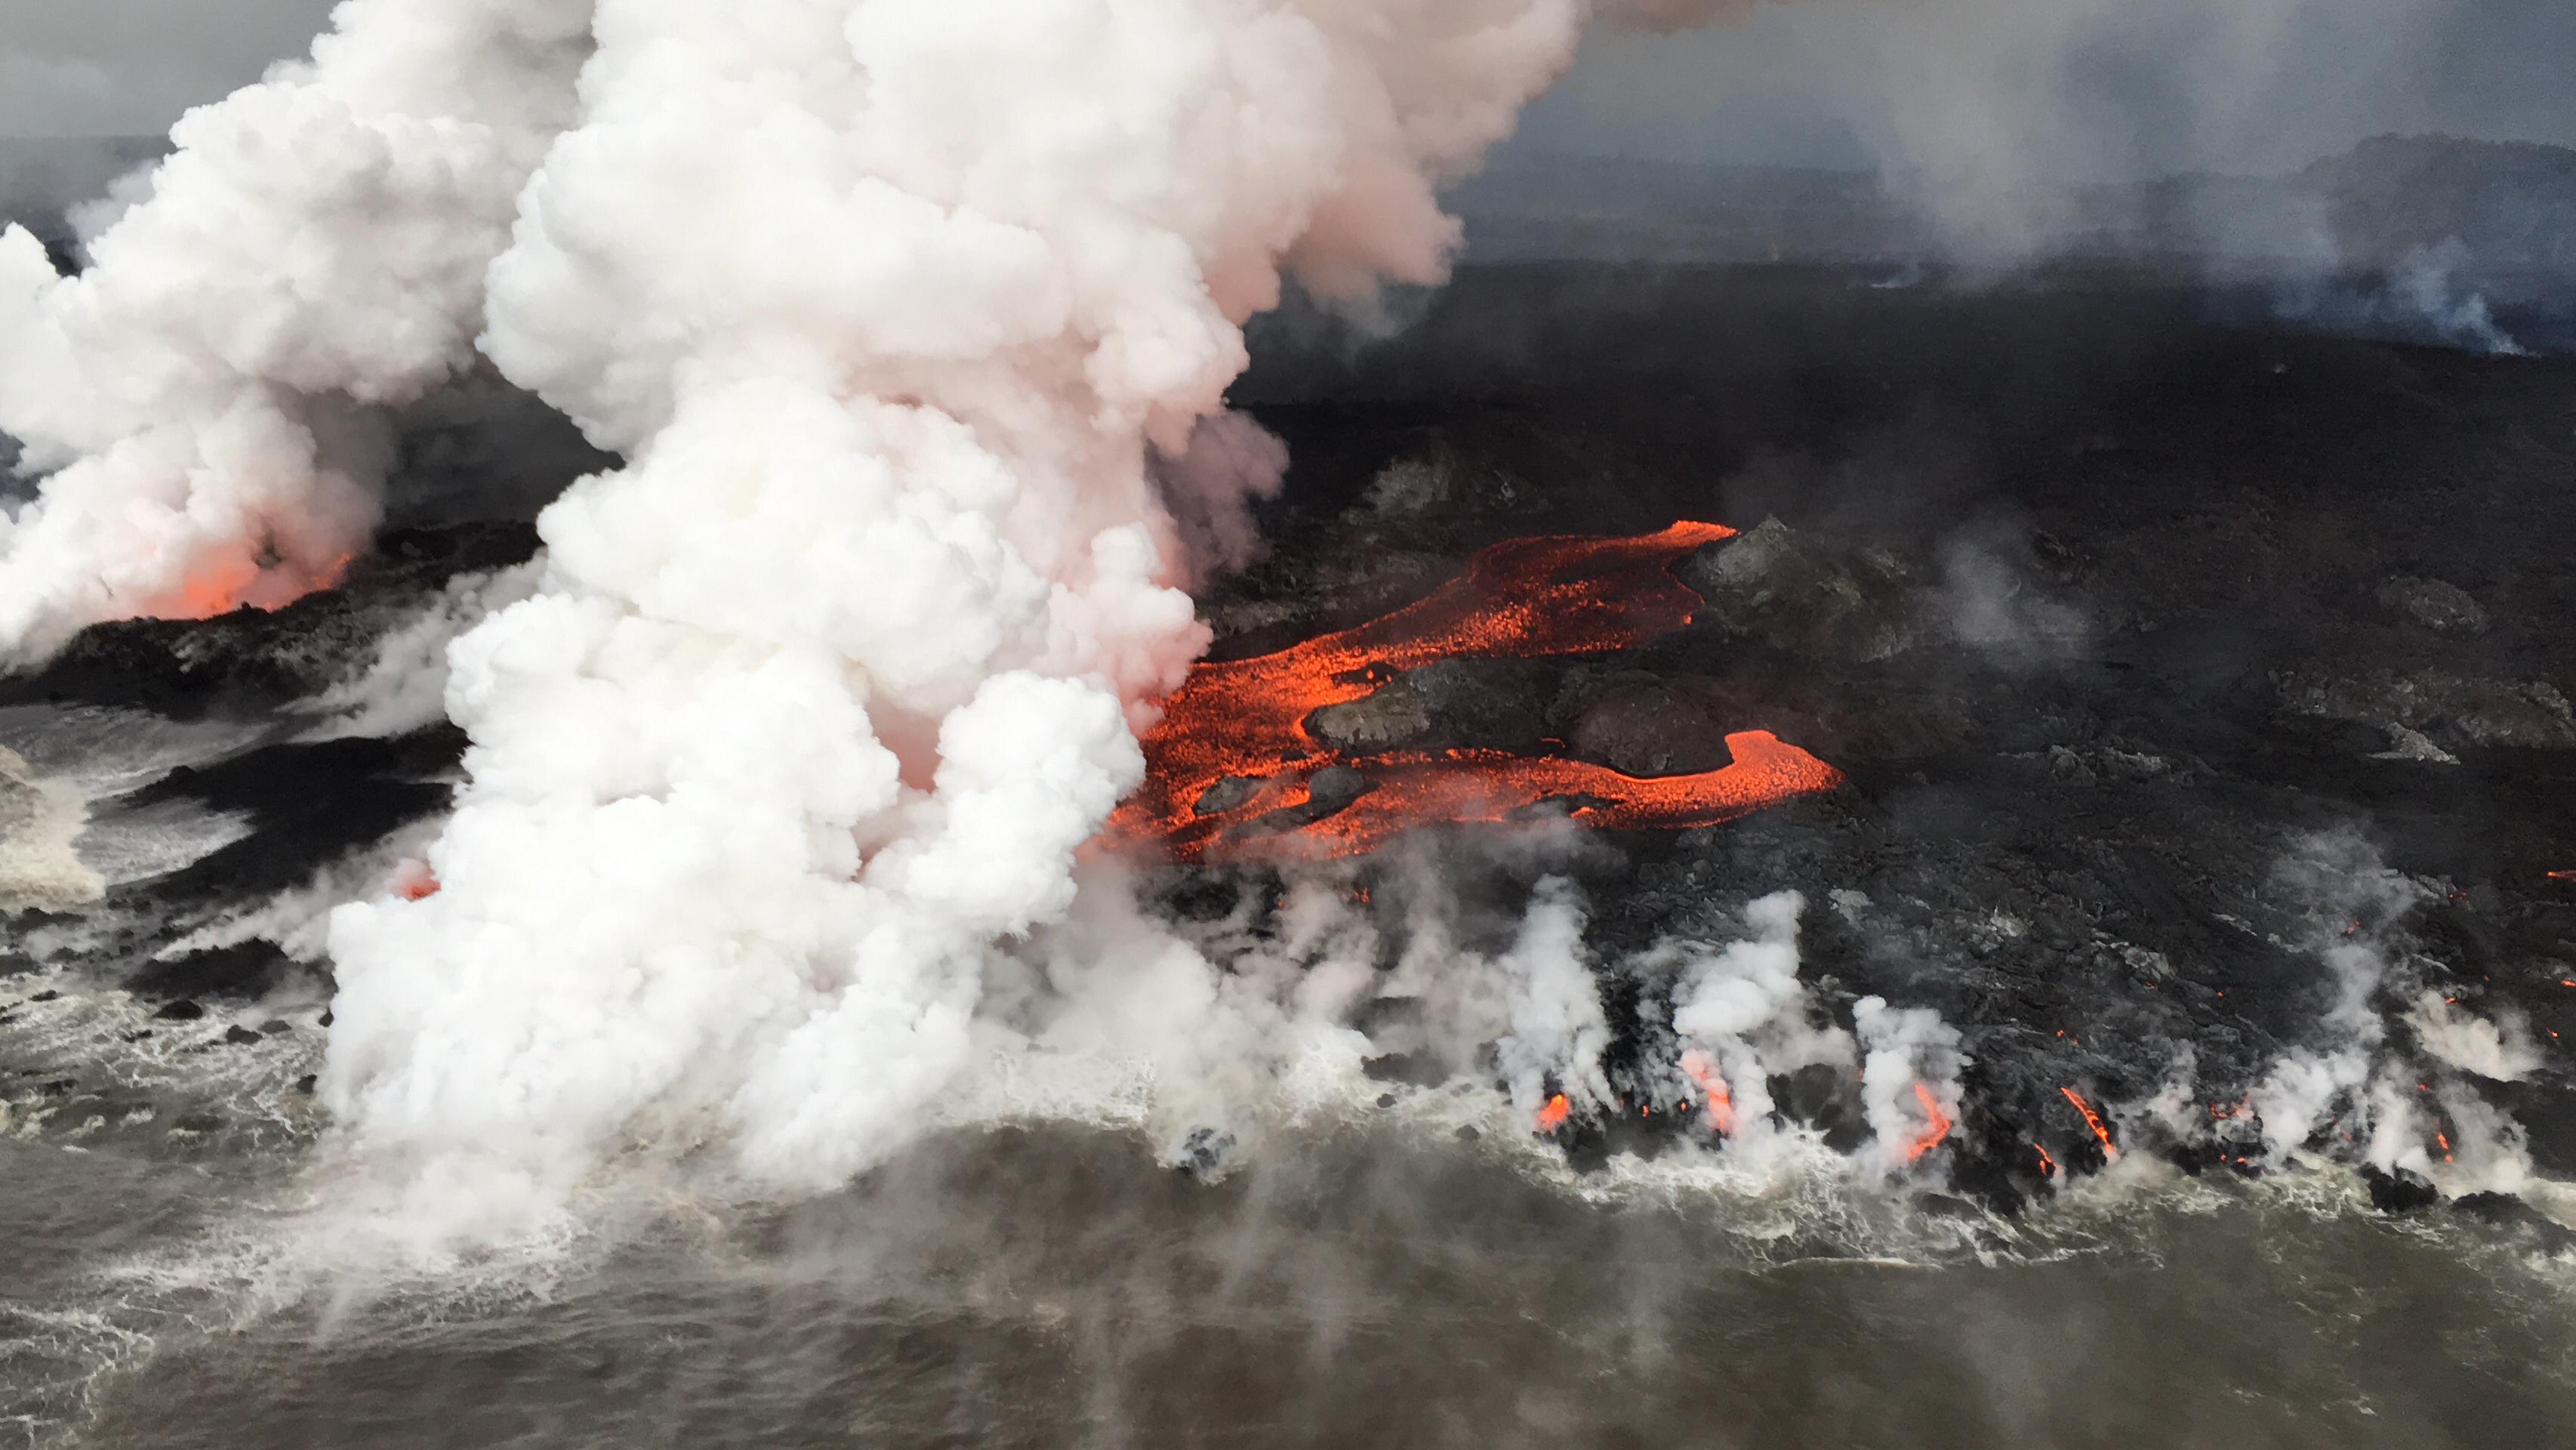 June 15 , 2018.  EN.  Hawai : Pu'u 'Ō'ō / Kilauea , Colombia : Galeras , Kamchatka : Karymsky , Indonesia : Sinabung .